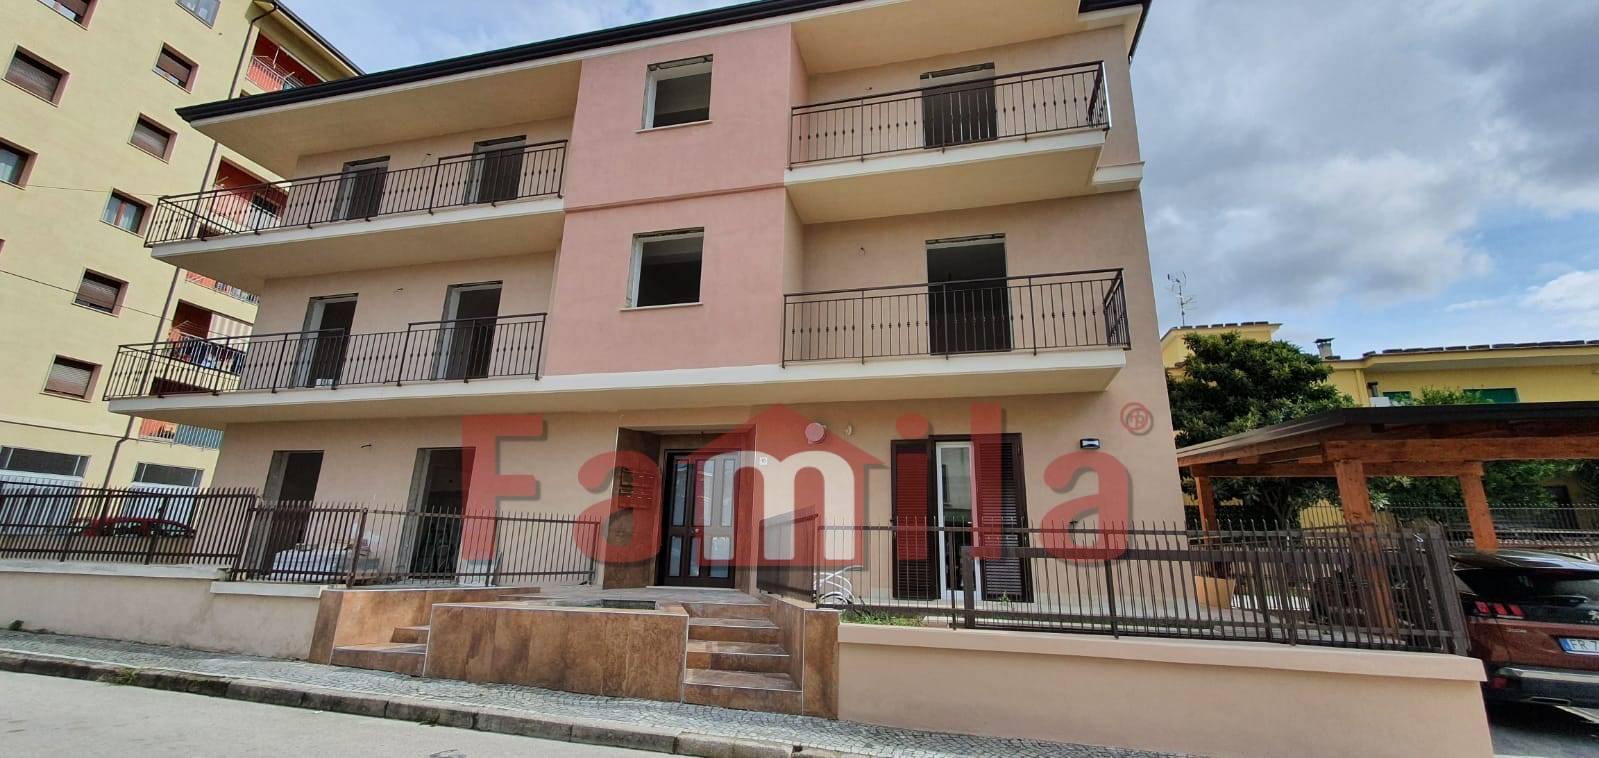 Foto - Appartamento In Vendita Baiano (av)